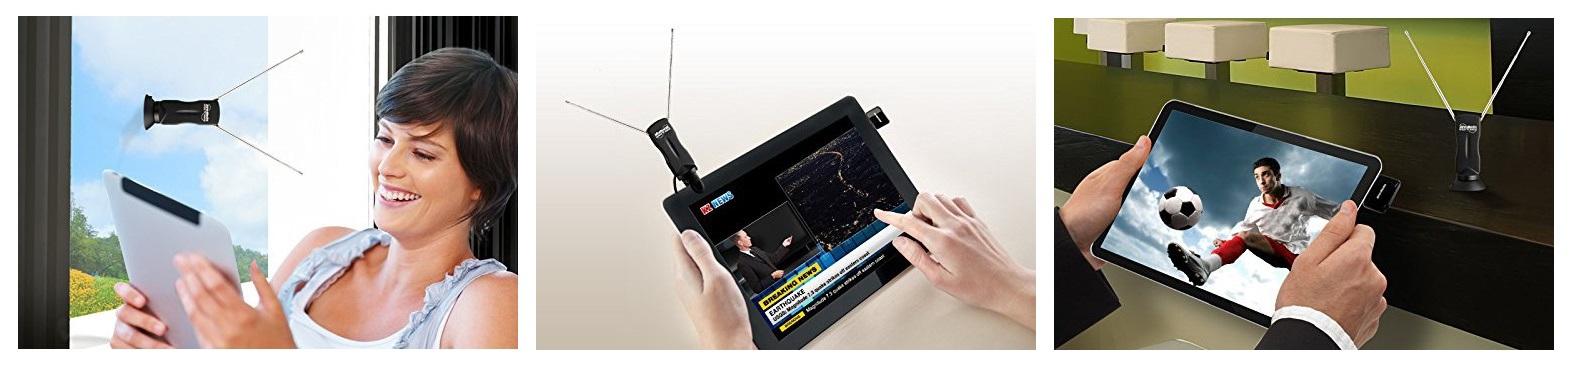 Externí USB tuner Aver TV Mobile